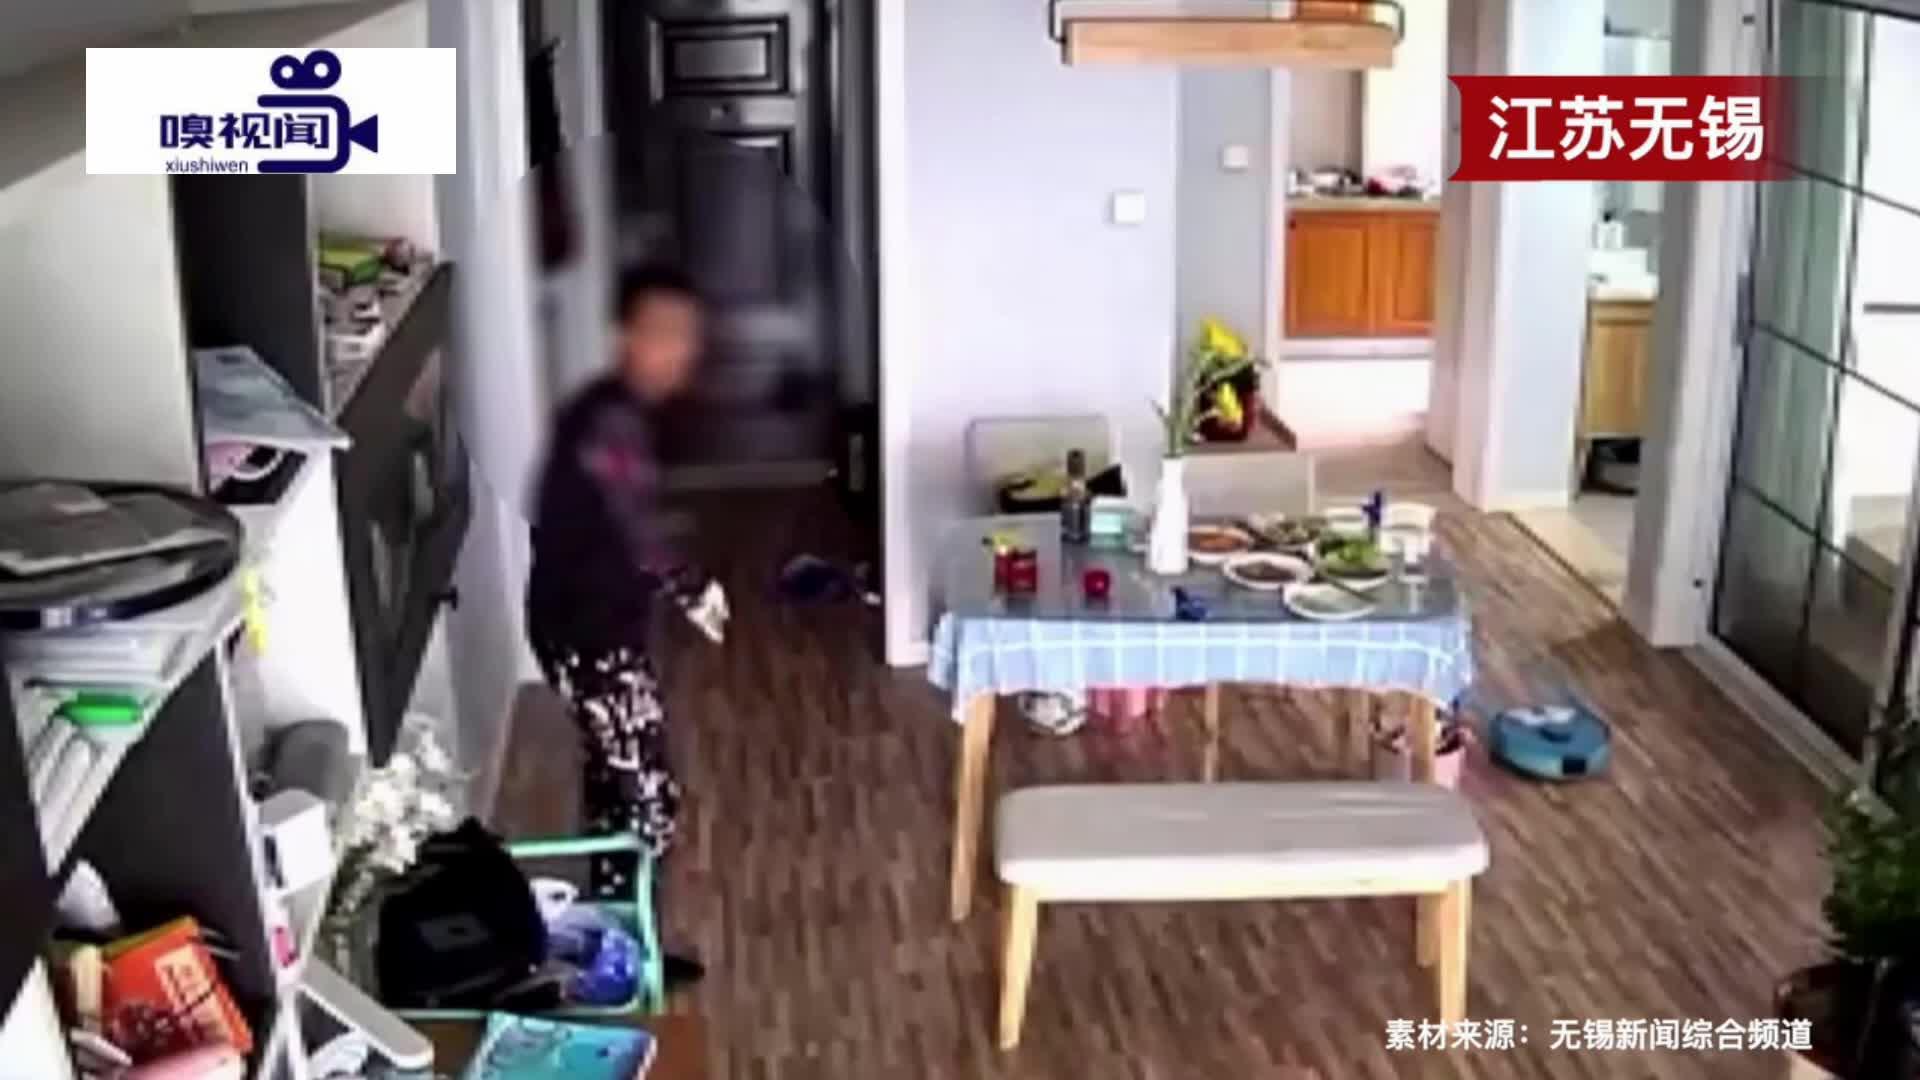 """江苏无锡:窃贼翻窗入户,民警仅凭半个头一眼认出""""熟人"""""""